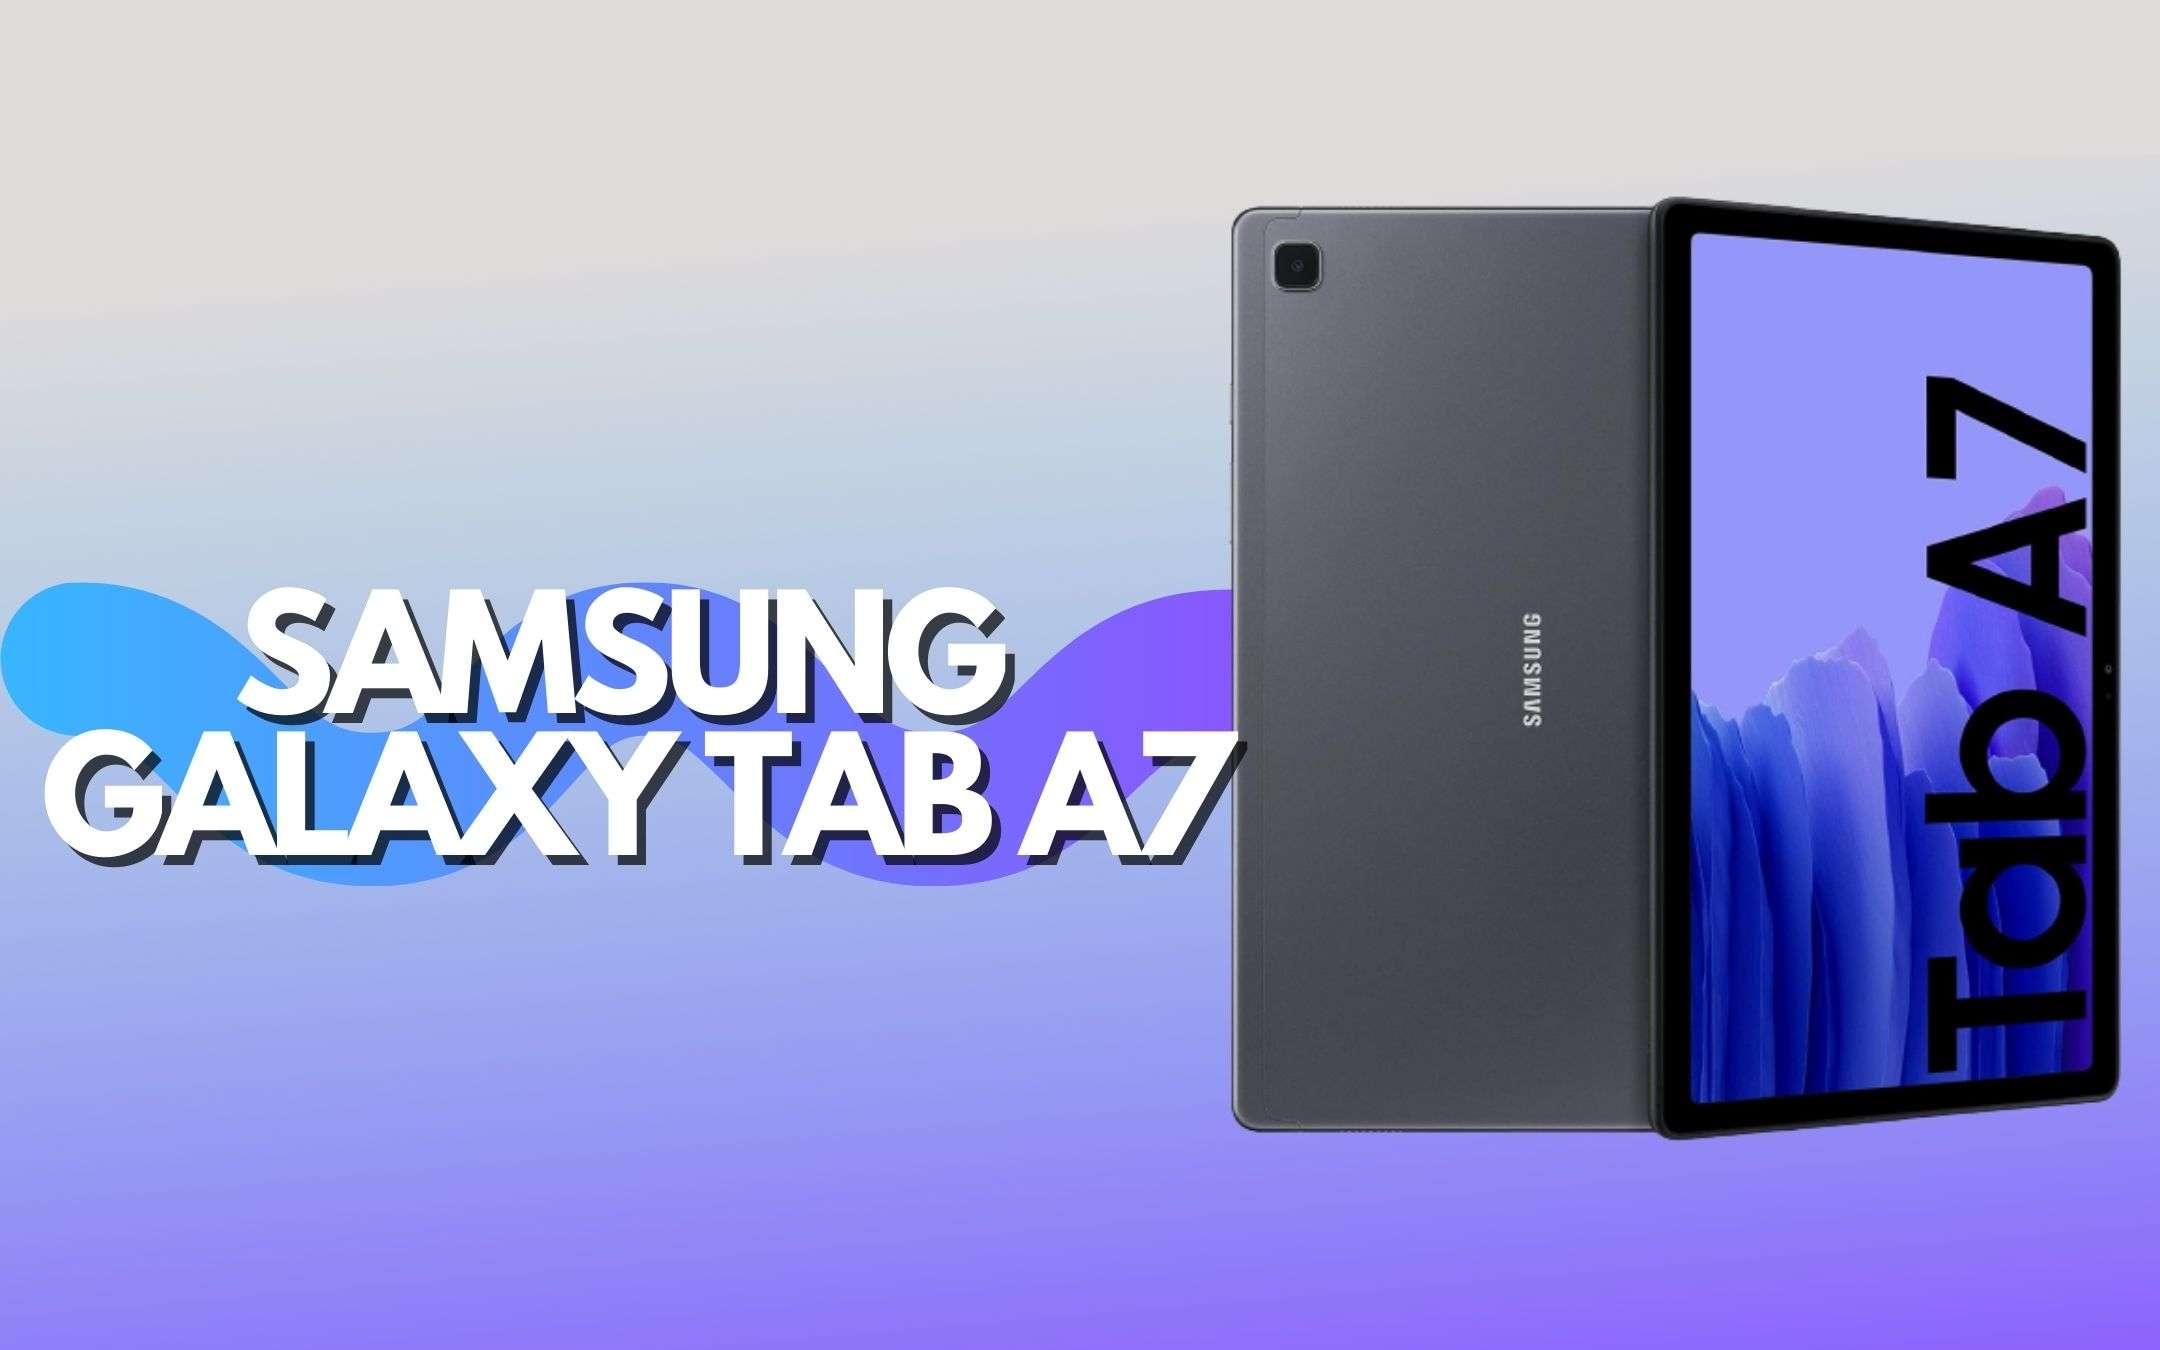 Samsung Galaxy Tab A7 è qualità nelle tue mani: super offerta in corso